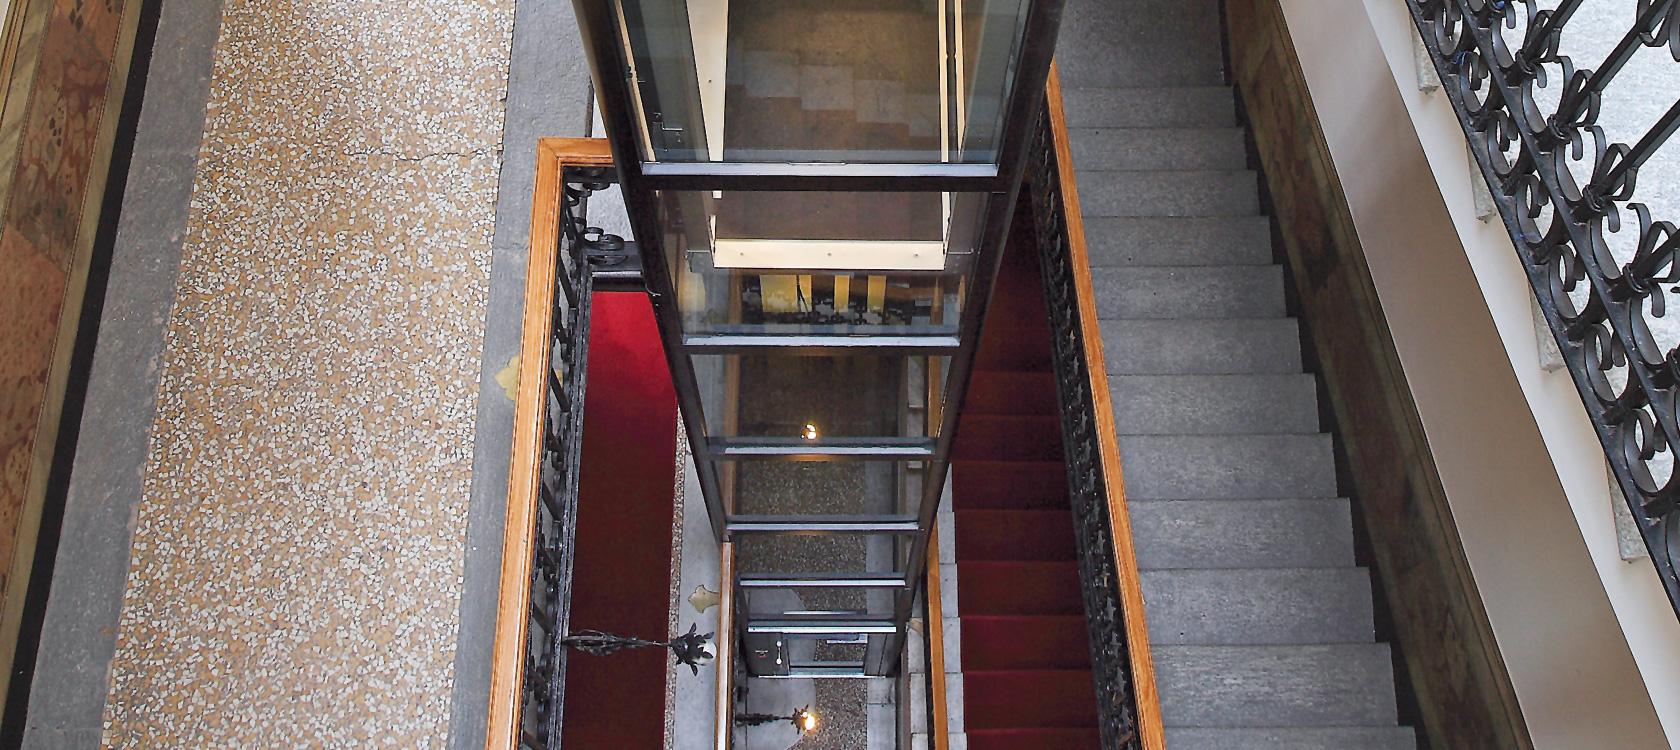 Costo ascensore 1 piano affordable impianto elfer with costo ascensore 1 piano top best costo - Costo ascensore interno 3 piani ...